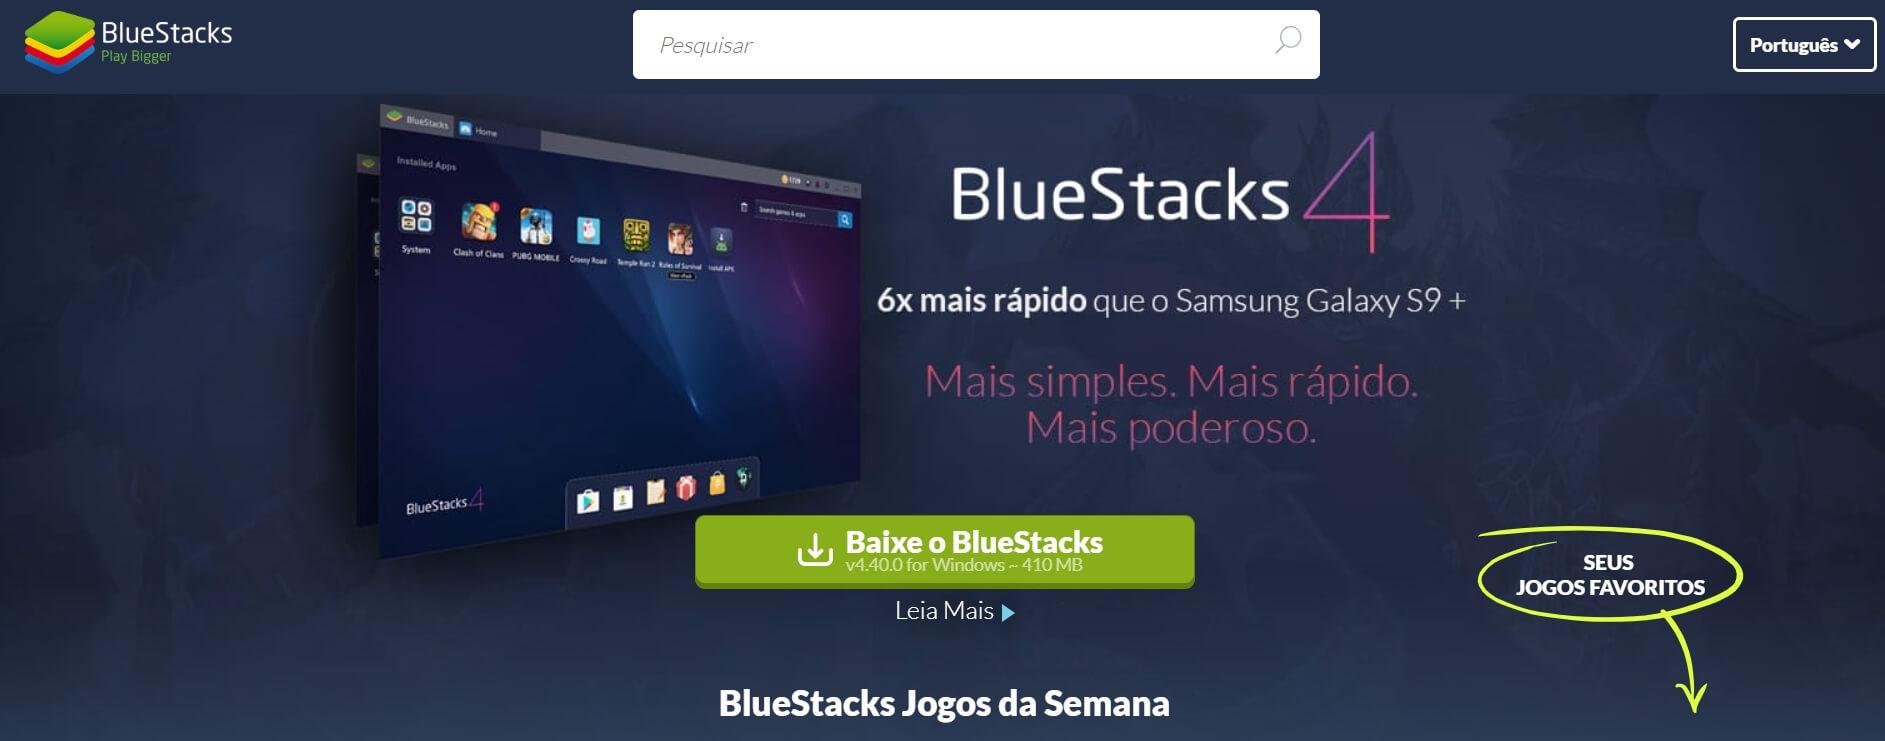 Jogar Pubg Mobile No Pc Com O Emulador De Android Bluestacks: Como Instalar E Jogar PUBG Mobile Em Seu Computador